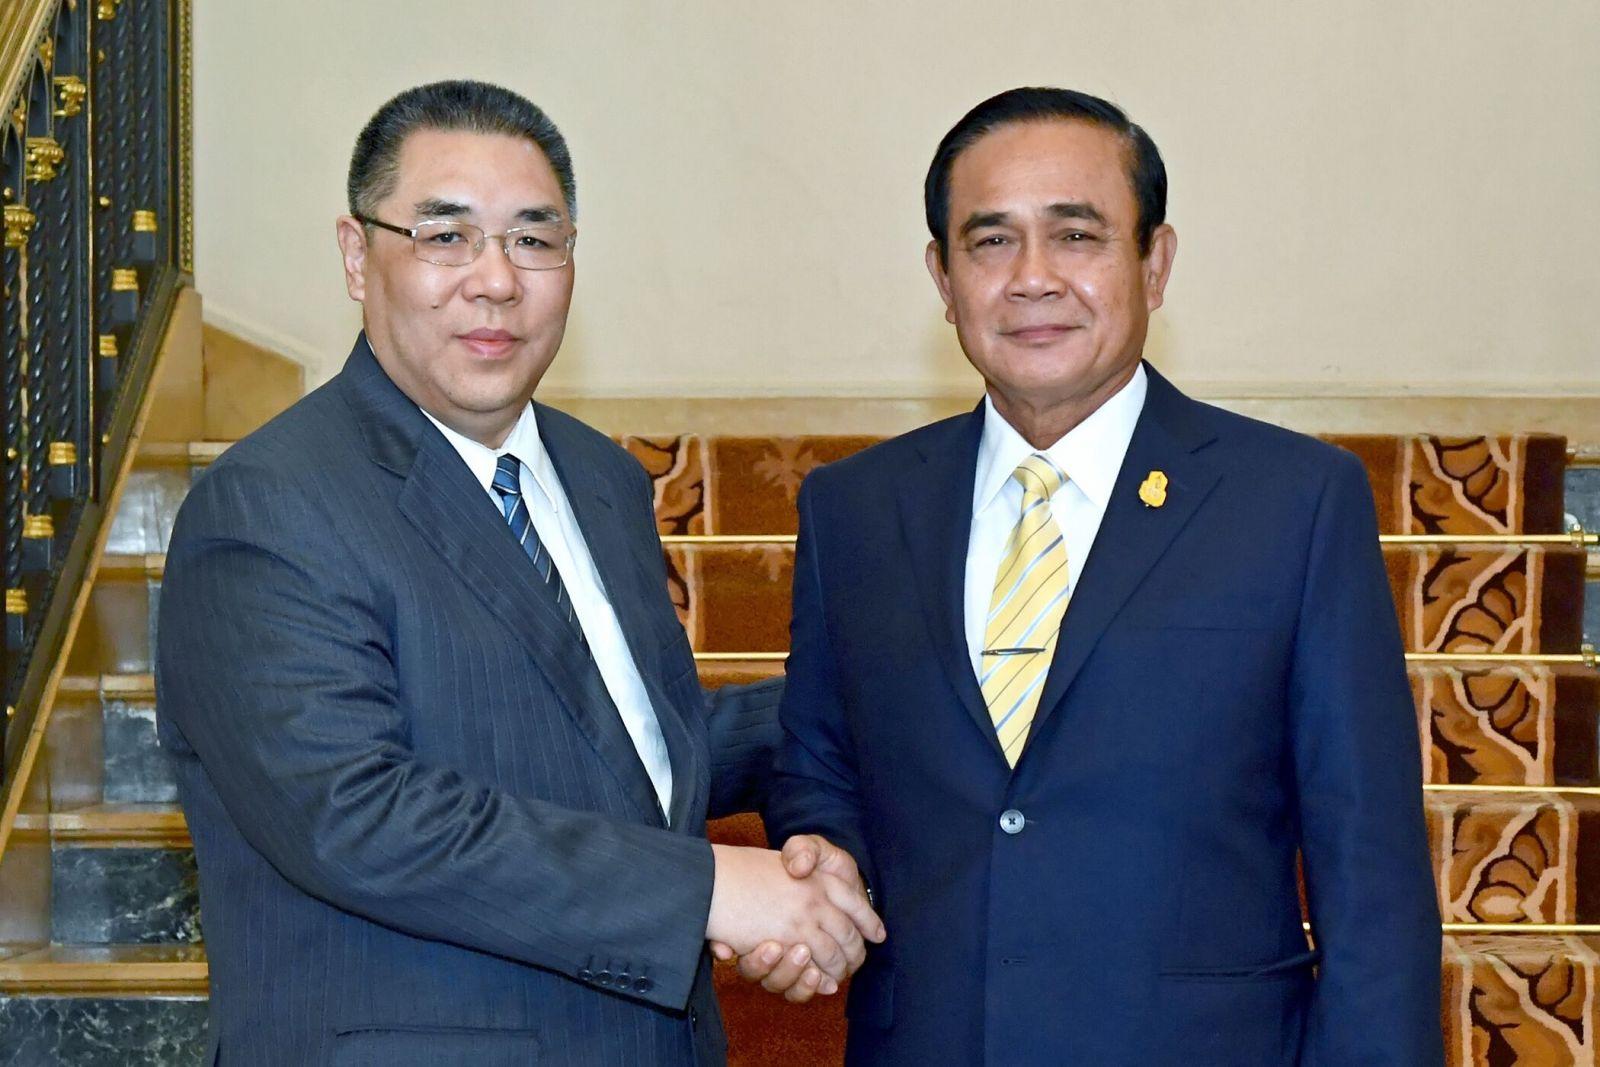 泰方冀促進雙方旅遊等合作